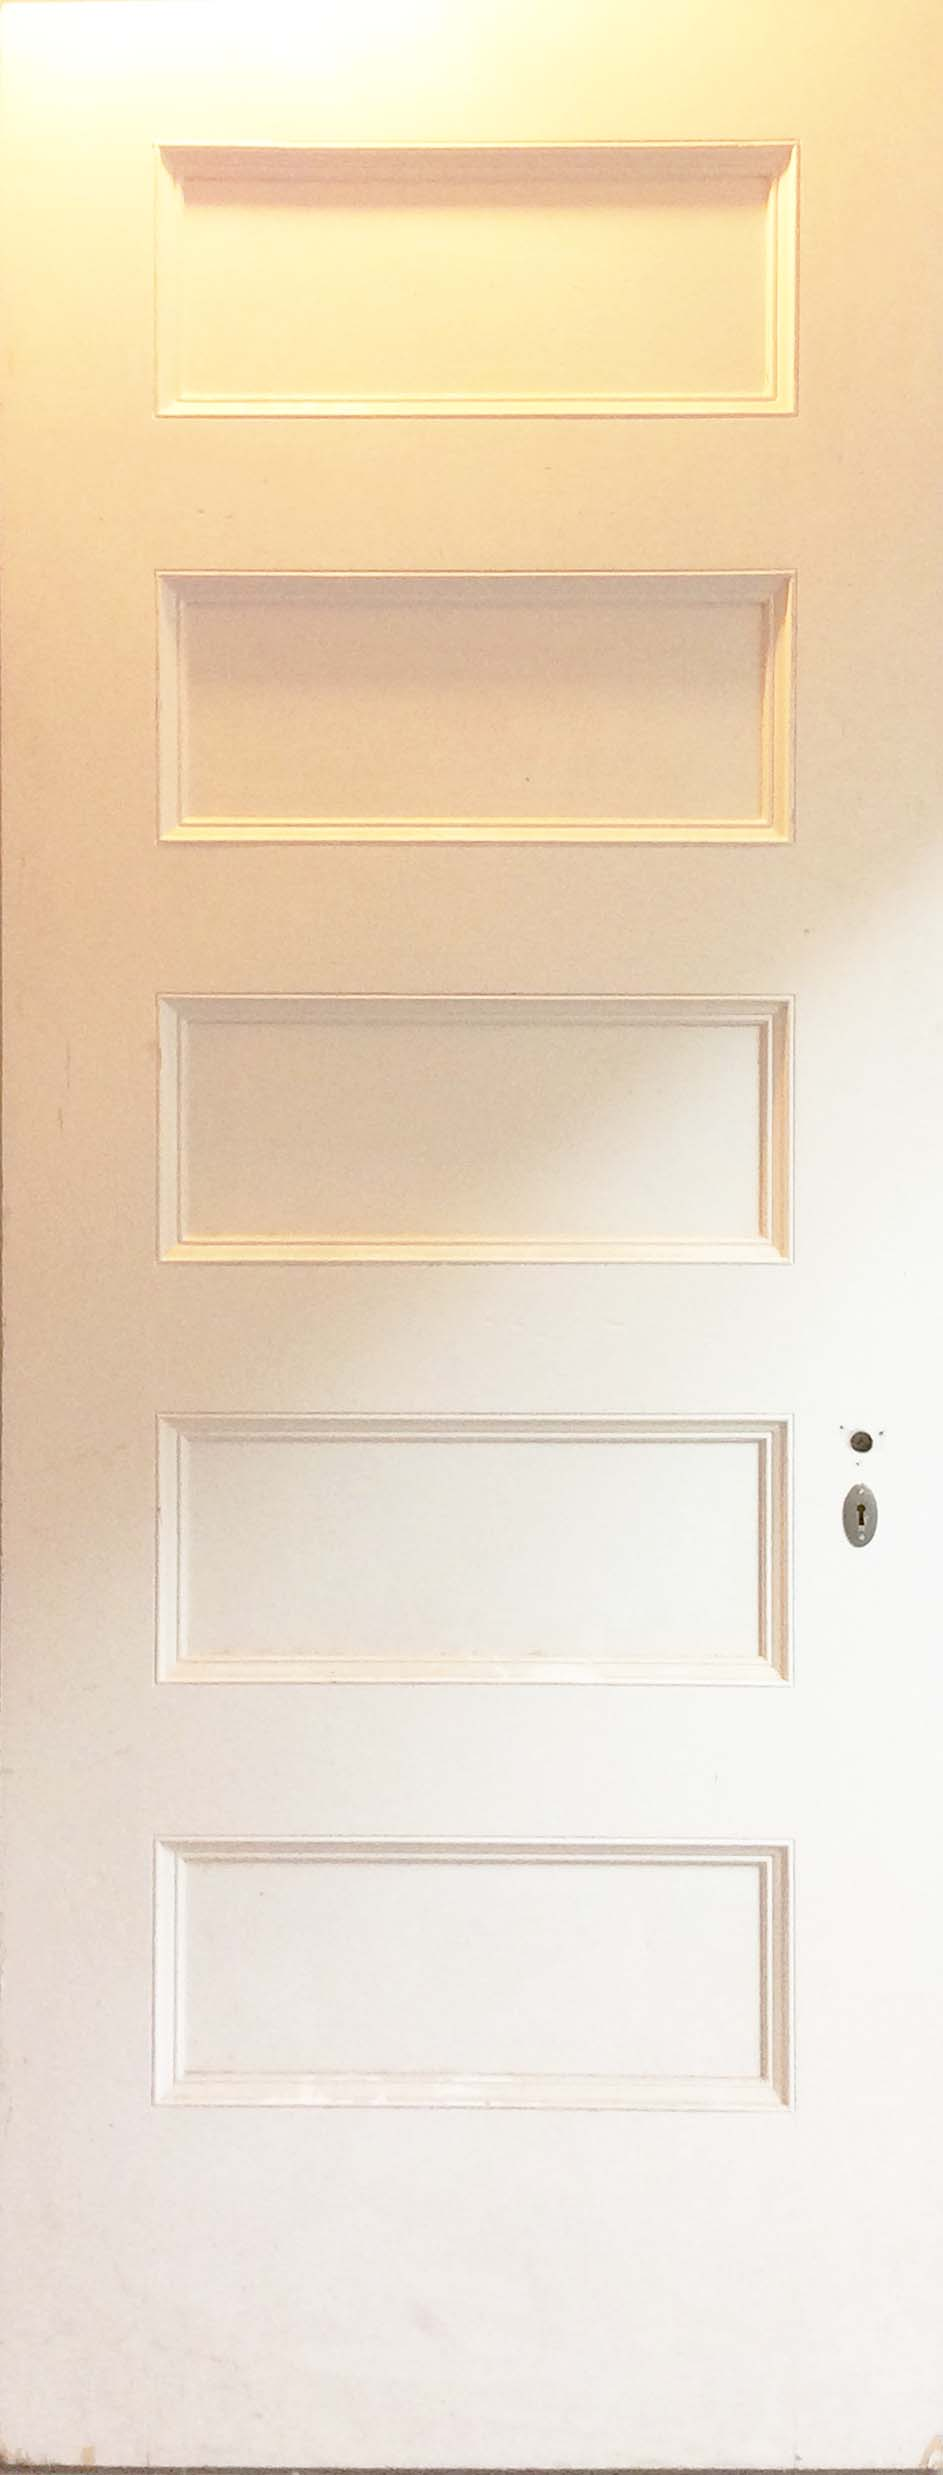 5-Panel Interior Doors